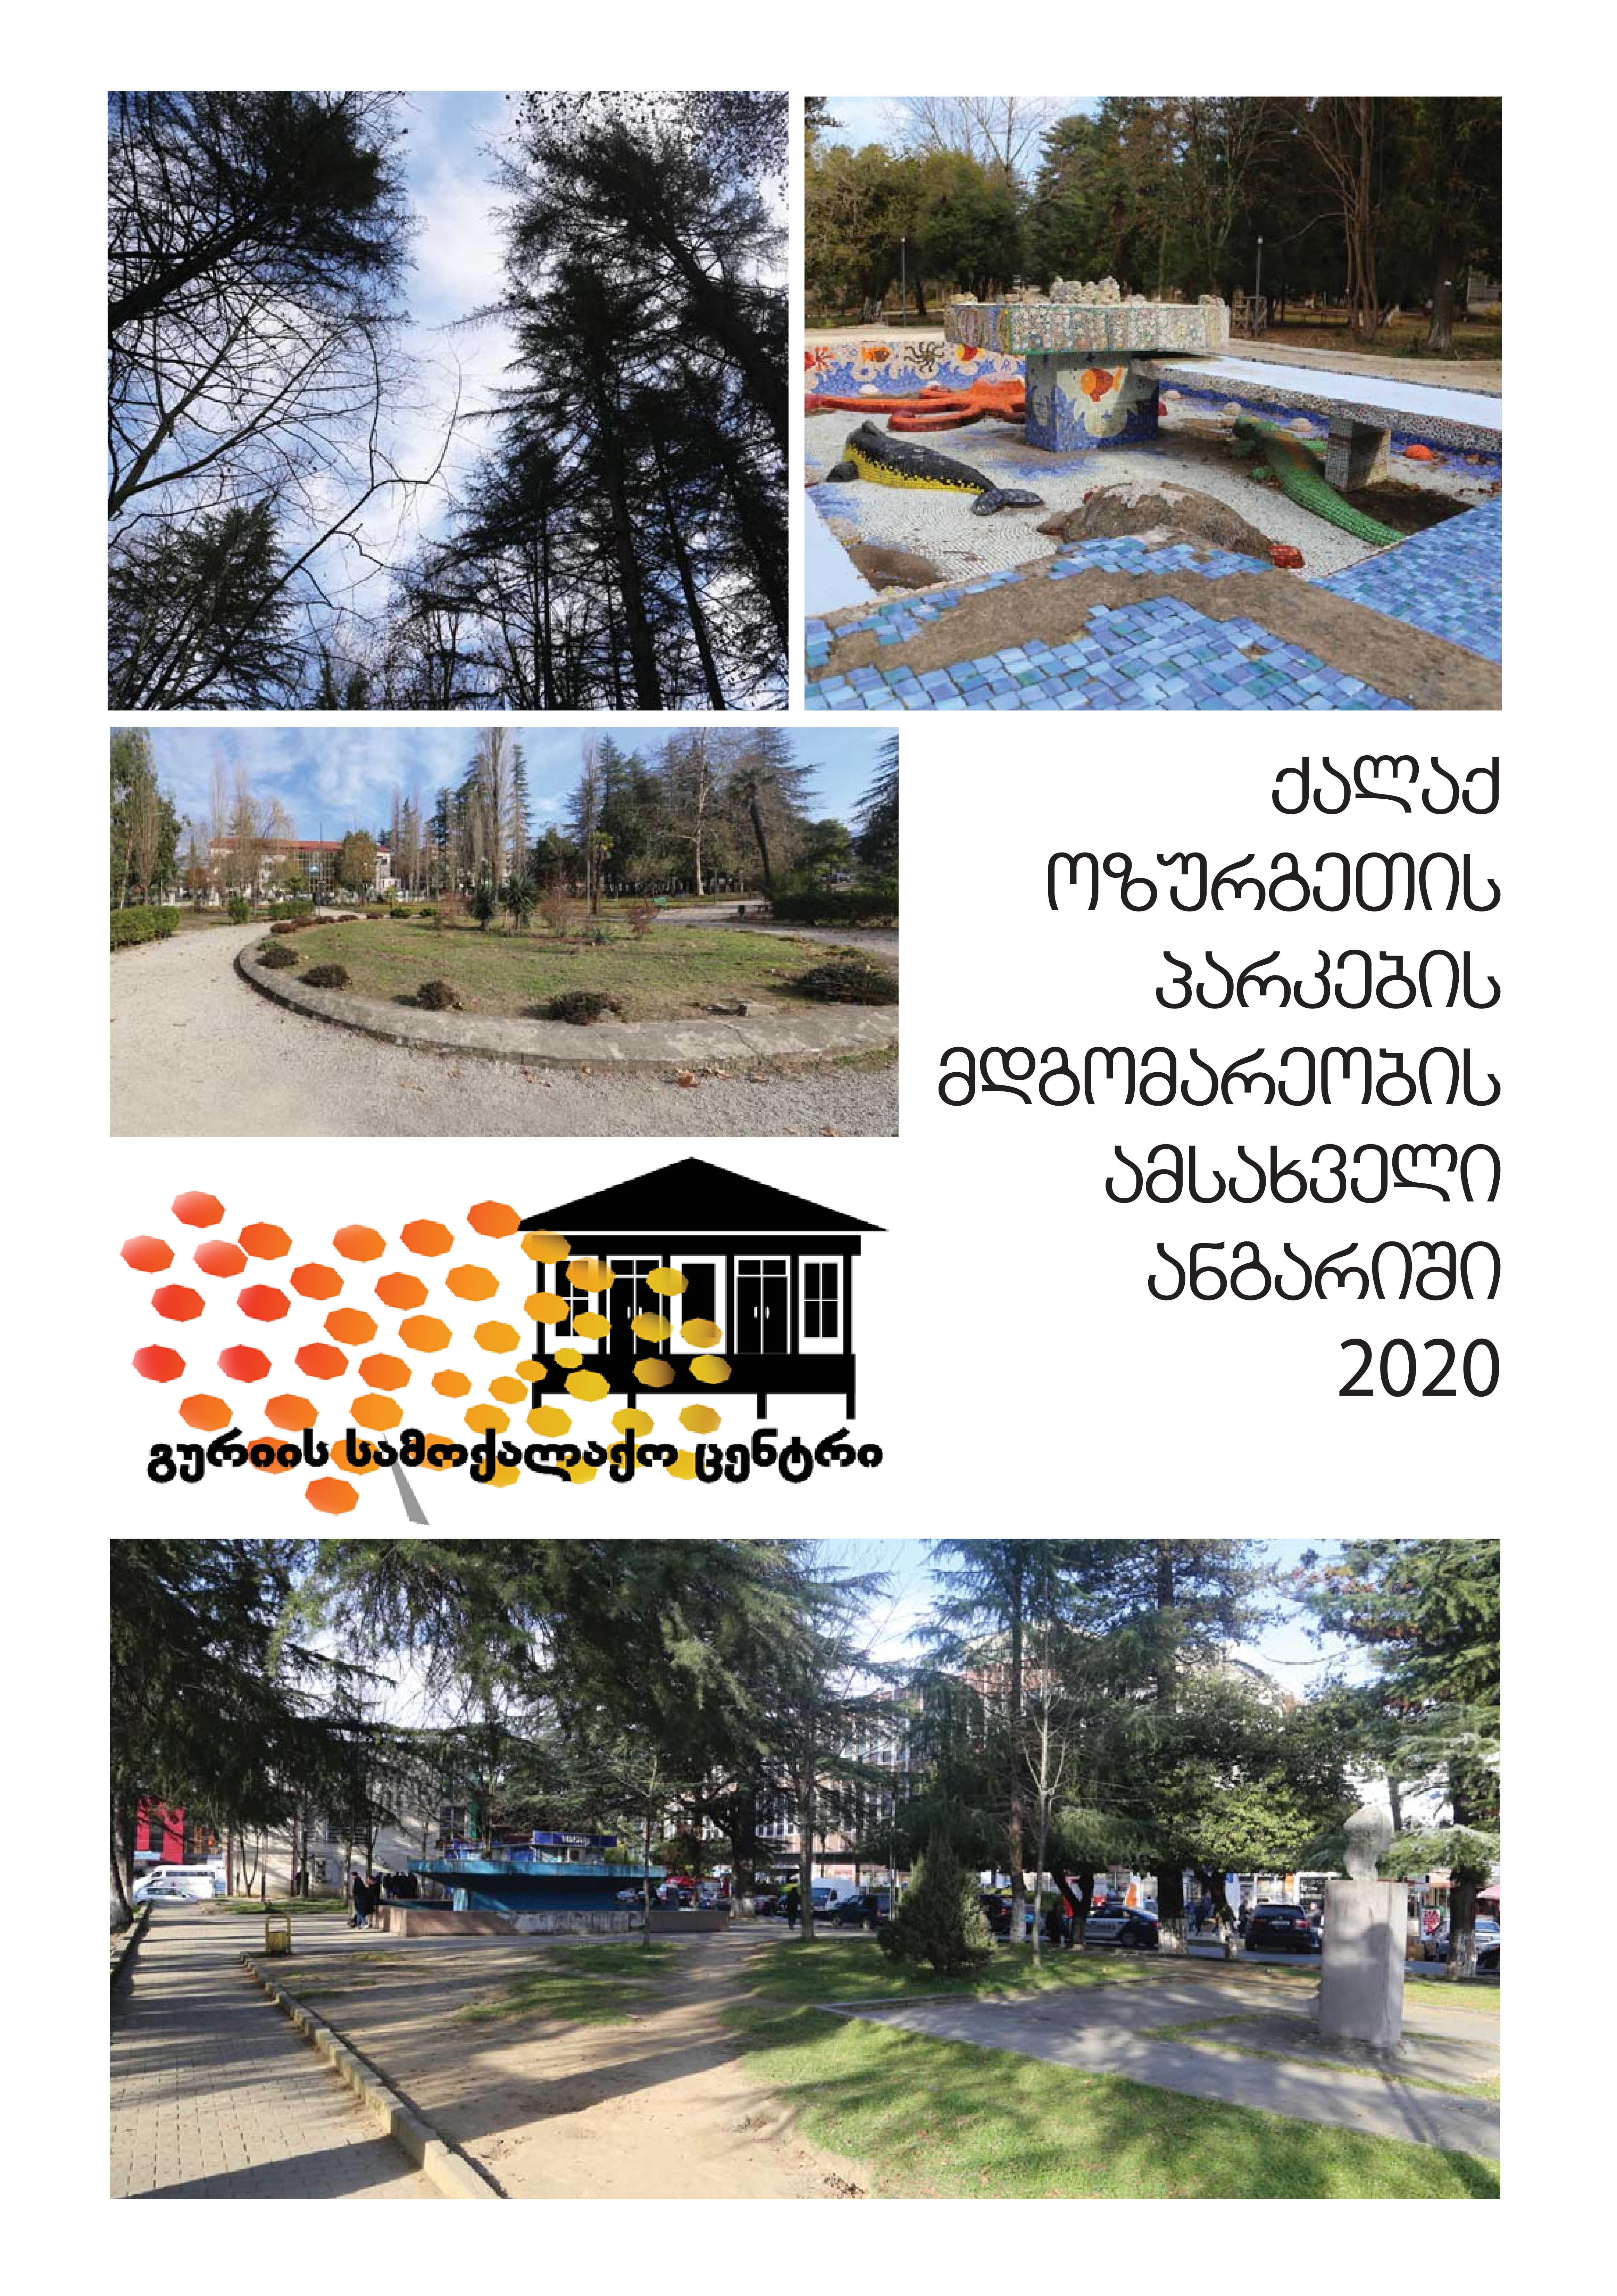 ქალაქ ოზურგეთის პარკების მდგომარეობის ამსახველი ანგარიში 2020